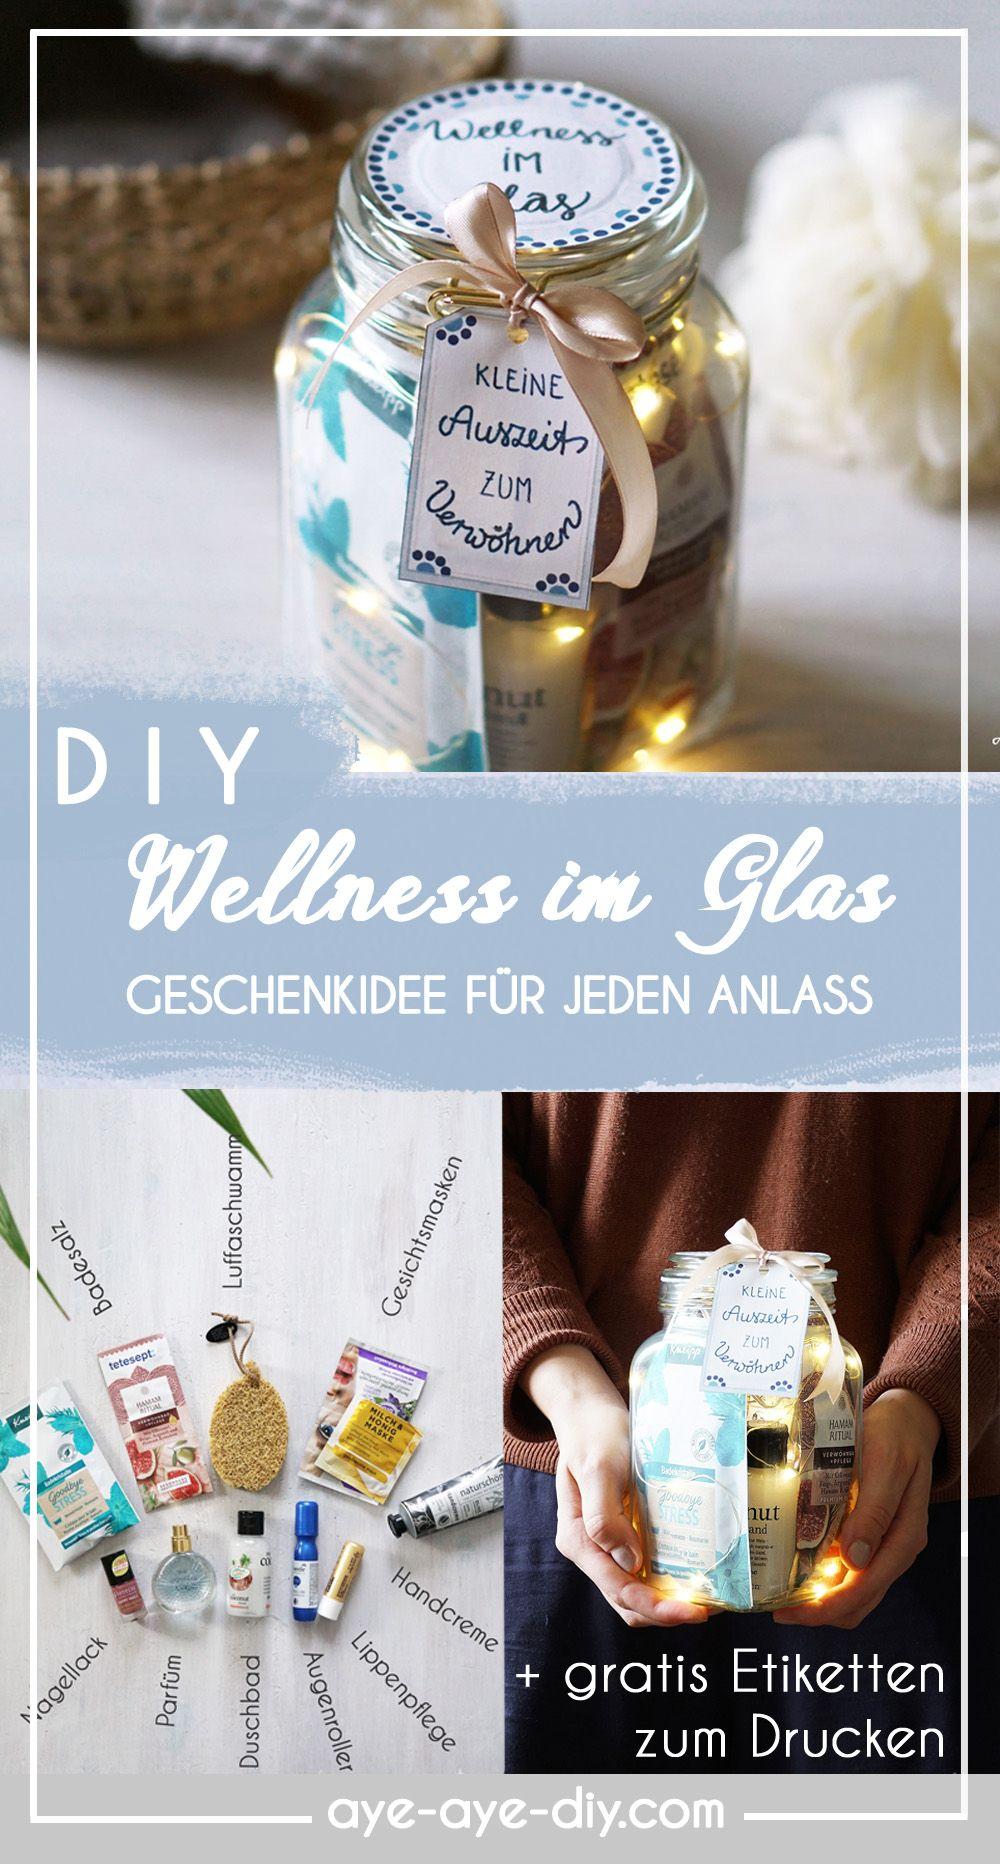 Wellness im Glas: DIY Geschenk mit Gutschein basteln + gratis Etiketten